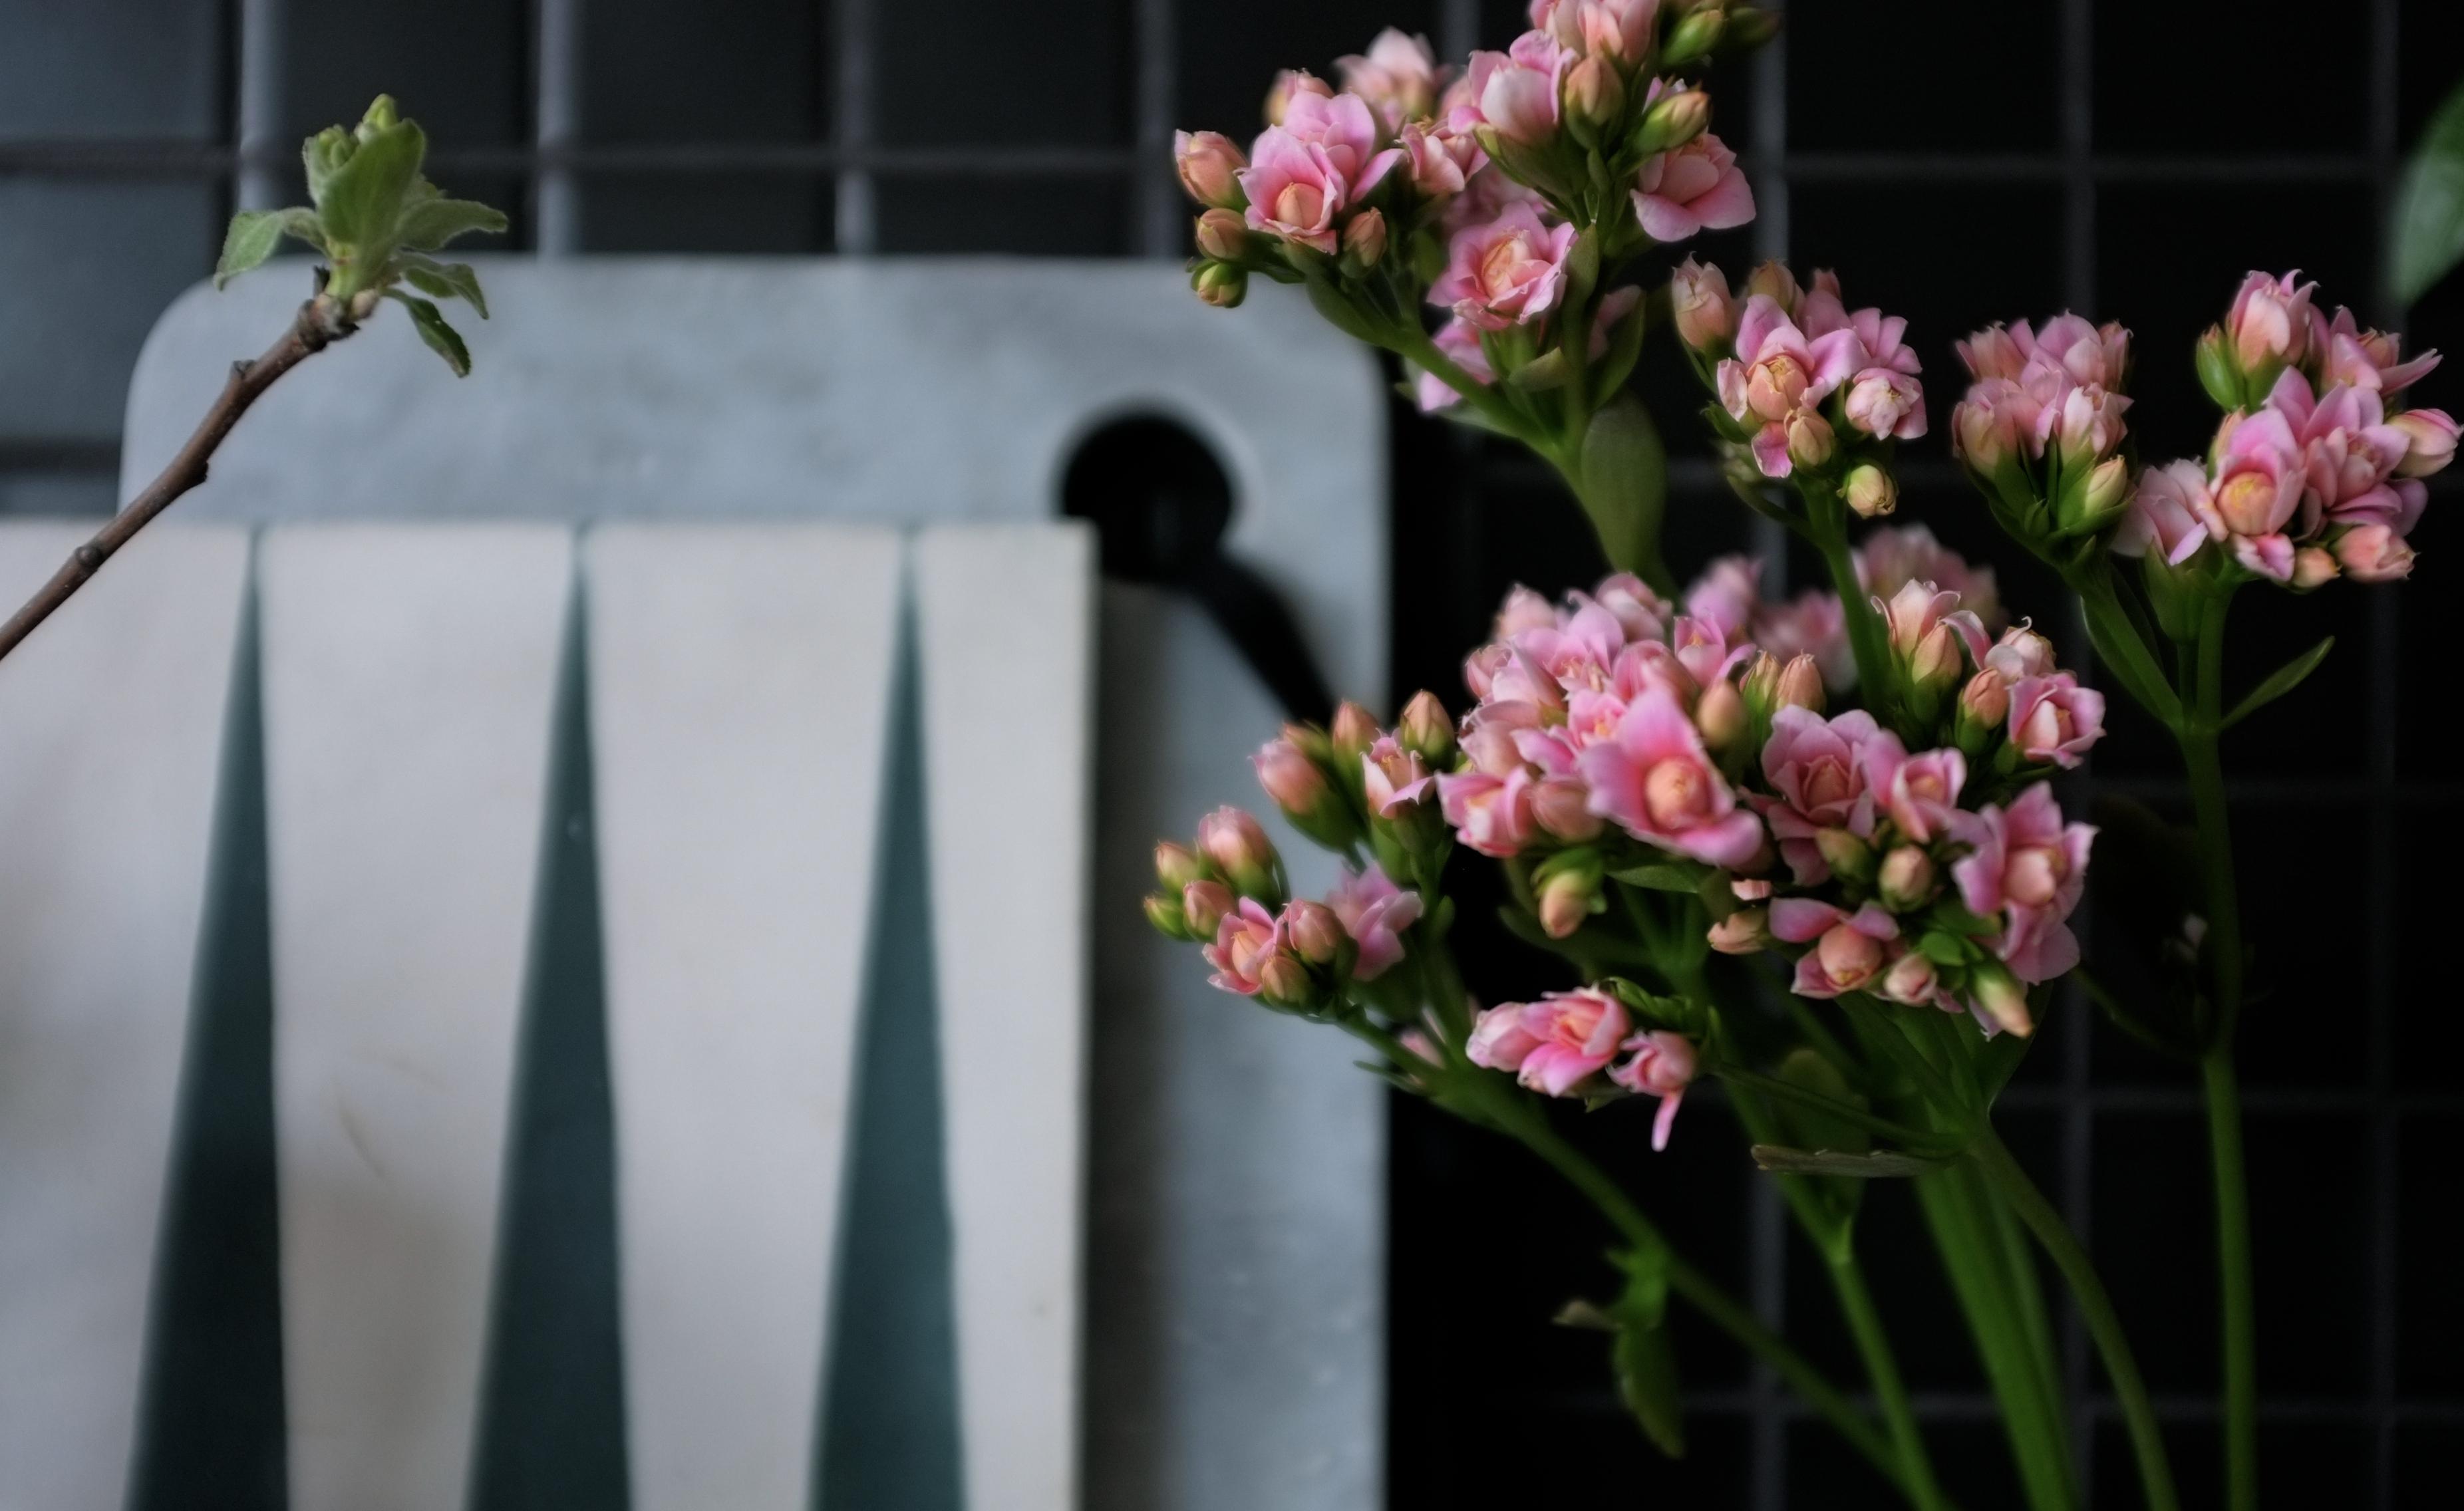 største blomster bukett